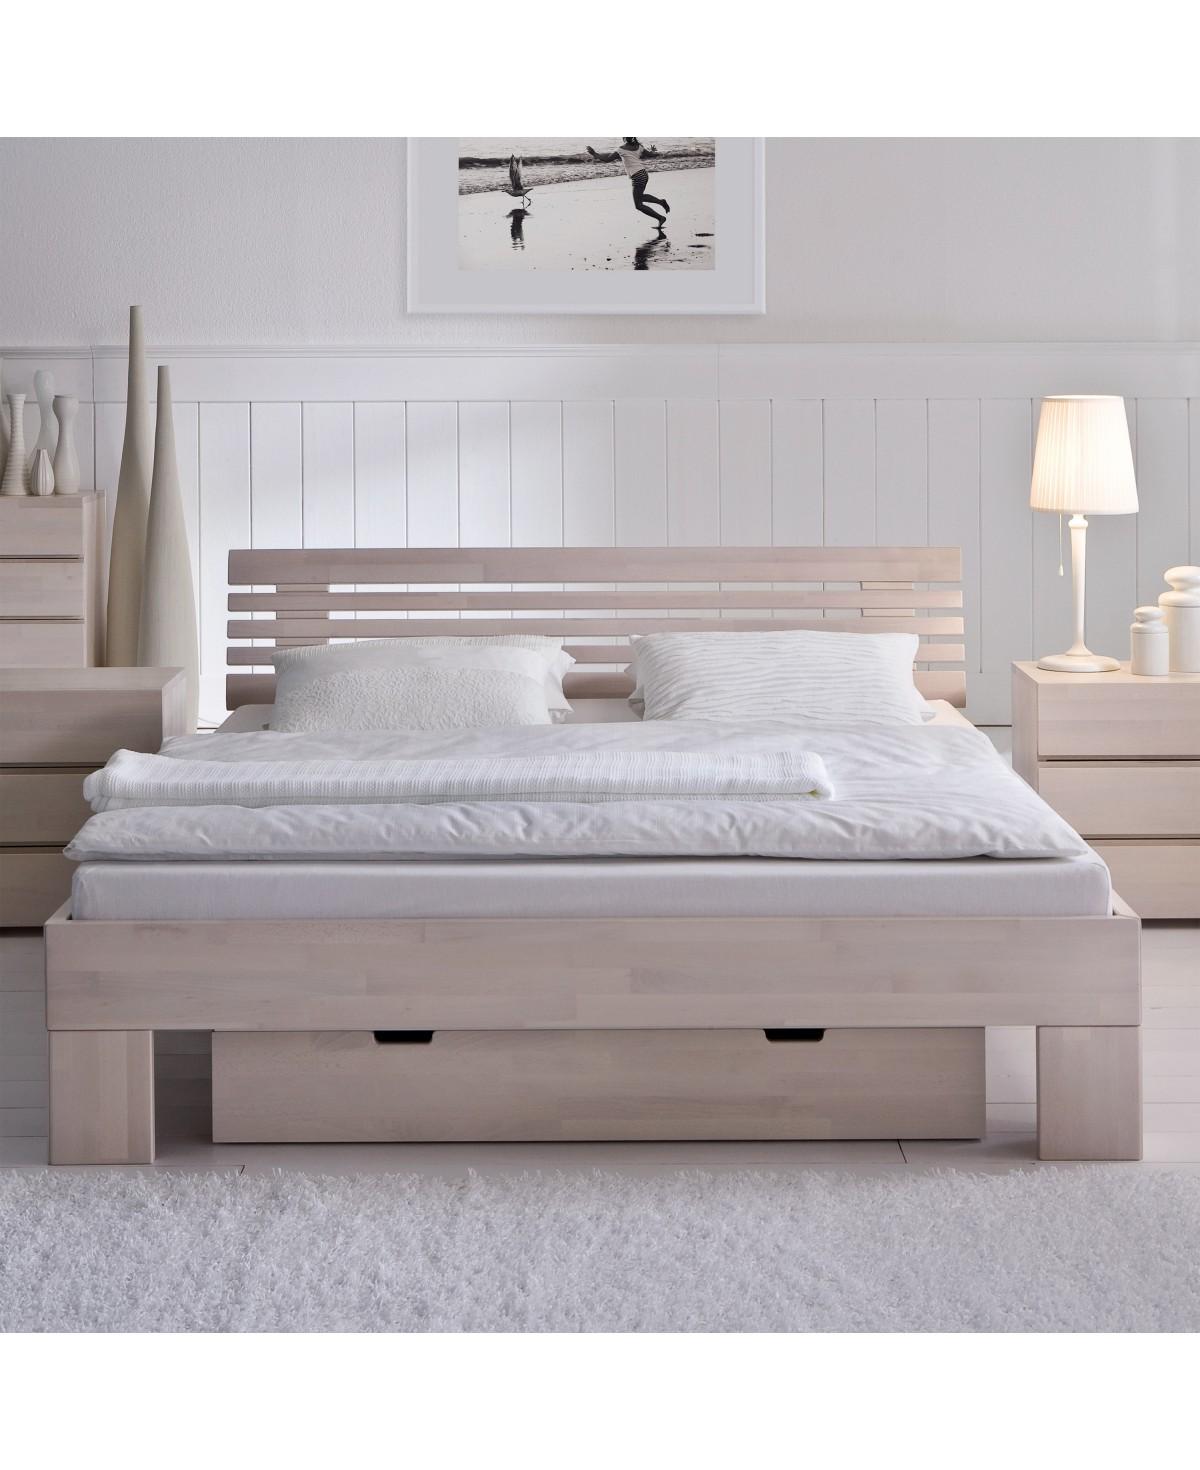 Full Size of Bett 160x220 Hasena Wood Line Buche Wei Kopfteil Litto Fe Massa 20 Bette Floor Jugendzimmer Weiß 120x200 Aus Paletten Kaufen Betten Test Bopita überlänge Bett Bett 160x220